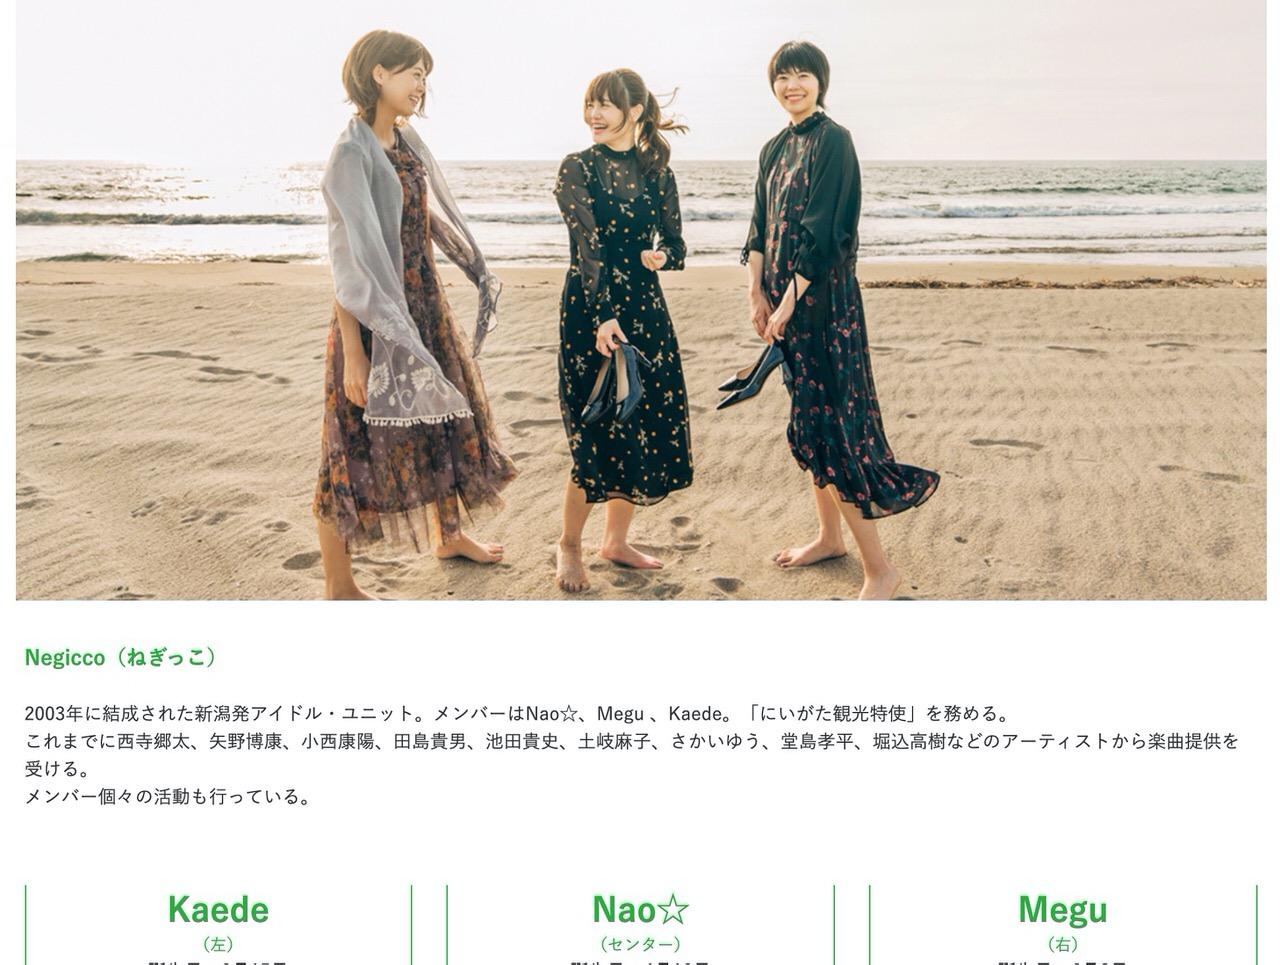 ネギネギ〜!「Negicco」Meguが結婚を発表